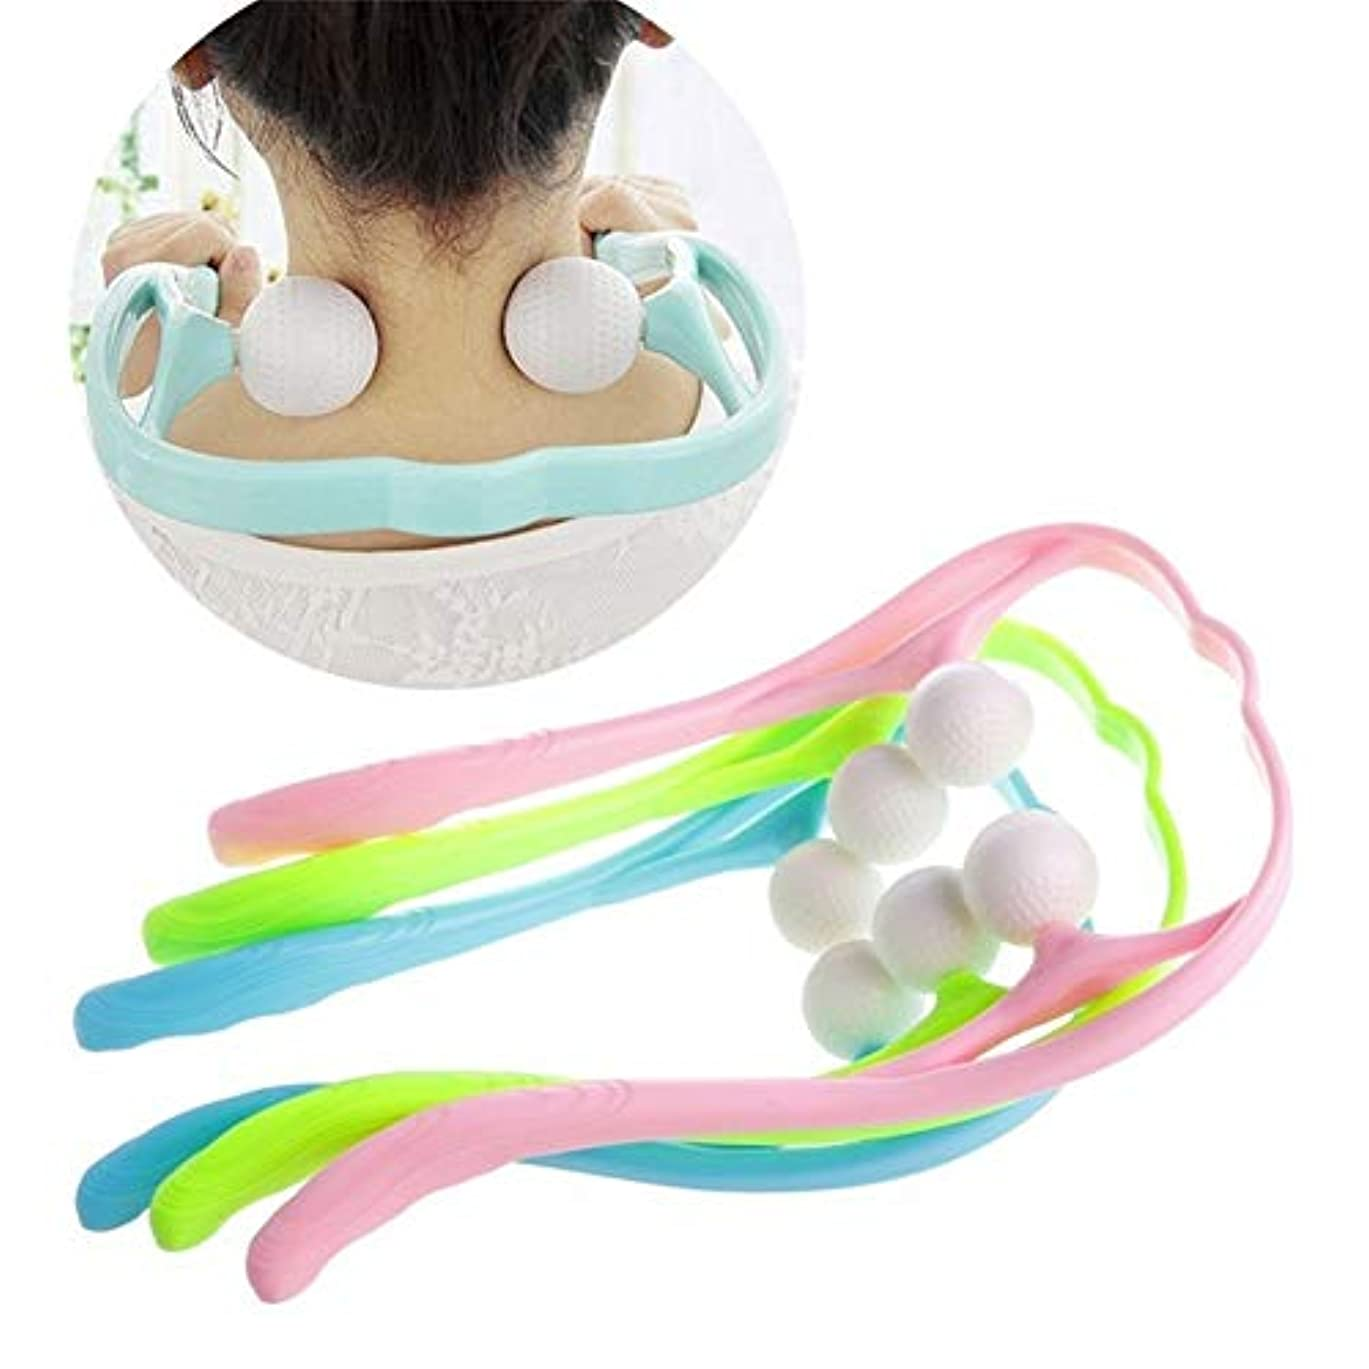 有能なティームシャーロットブロンテ痛み緩和マッサージ、首のマッサージ、首の後ろの肩のためのデュアルトリガーポイントセルフマッサージツール,3pacs